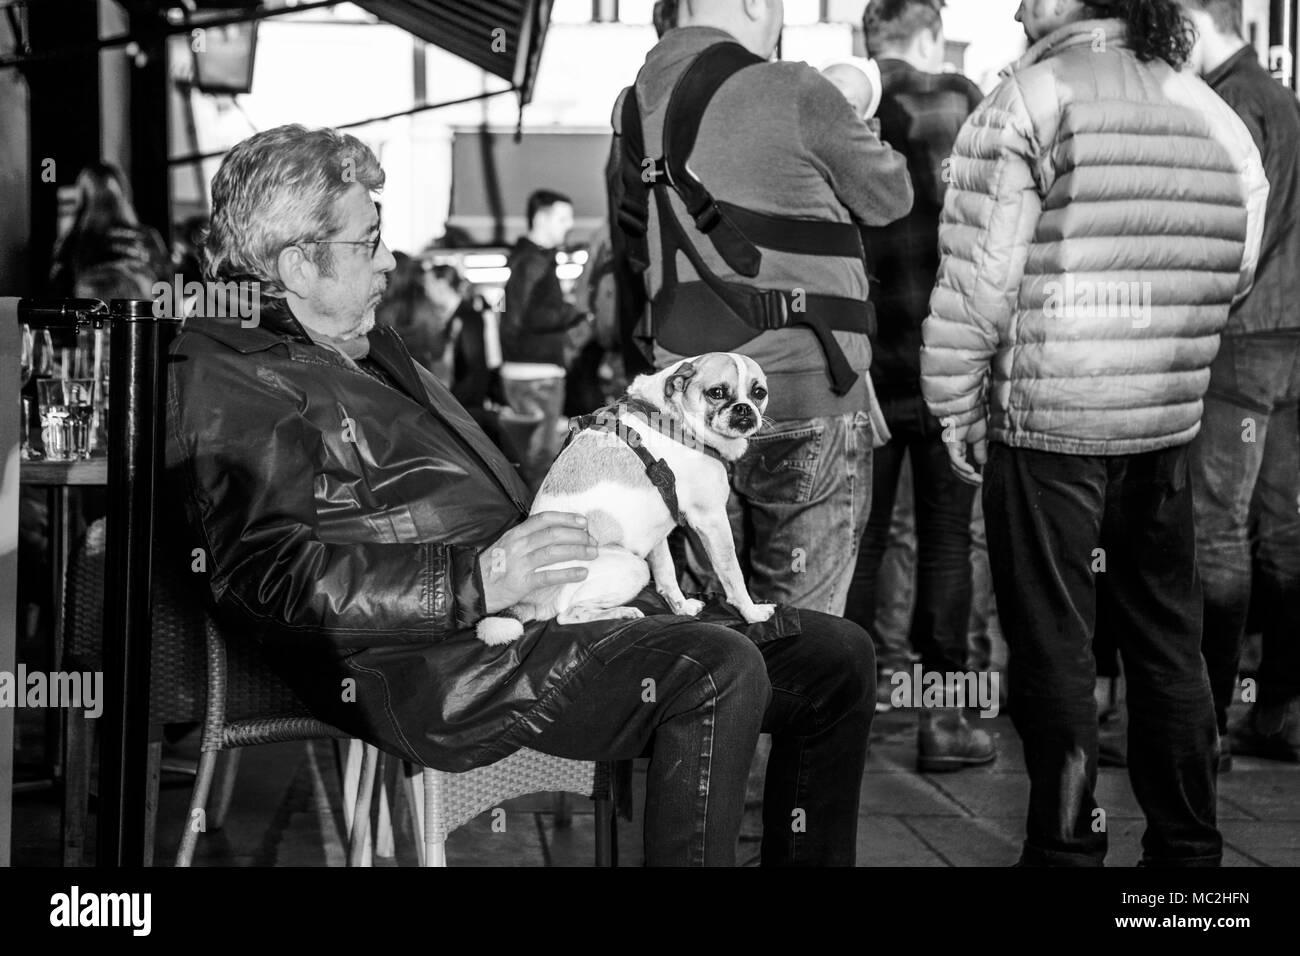 Compagnia - La vecchiaia pensionato oap, proprietario del cane, con un piccolo cane da compagnia. Foto Stock